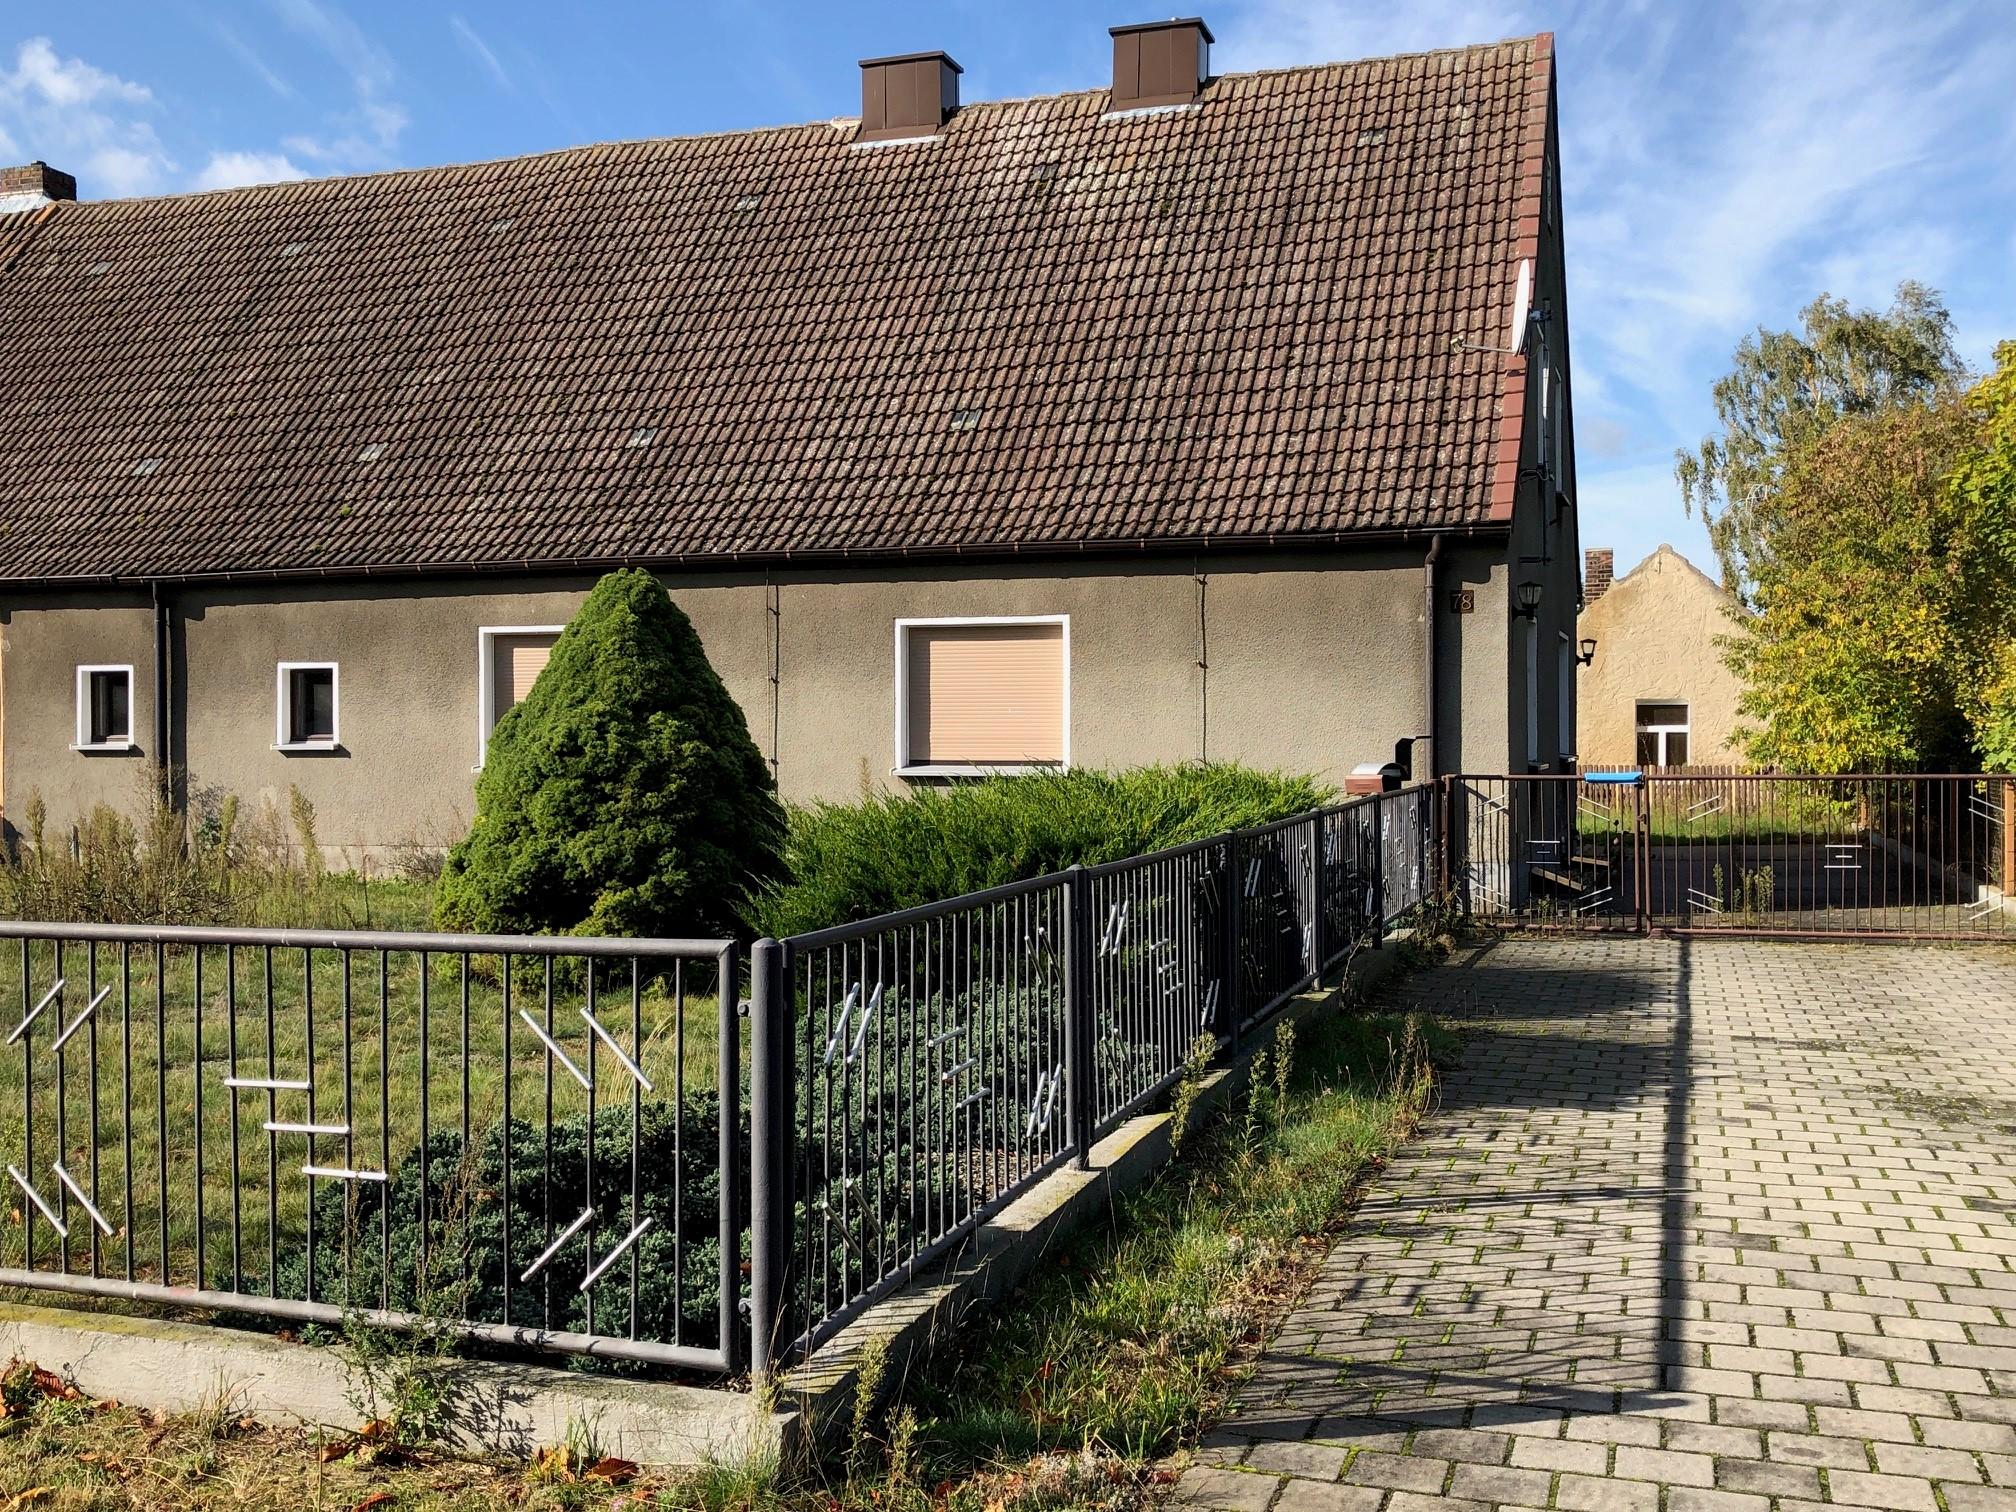 Doppelhaushälfte Strassenansicht